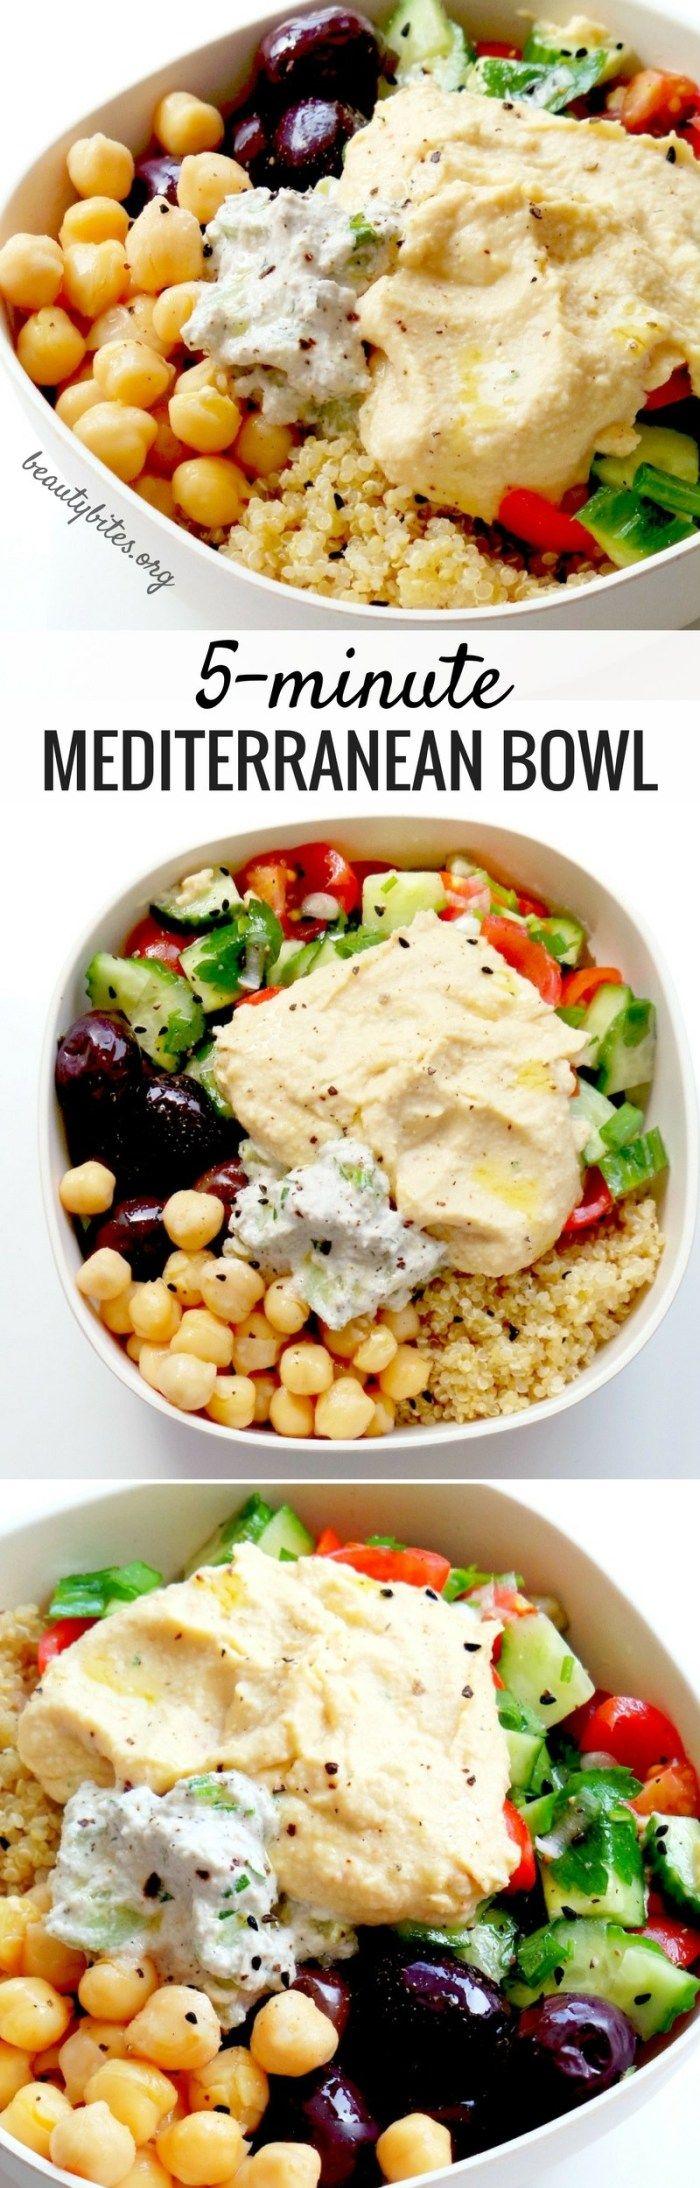 abendessen ideen warm, ein bildrezept, so wird die mediterrane bowl gemacht